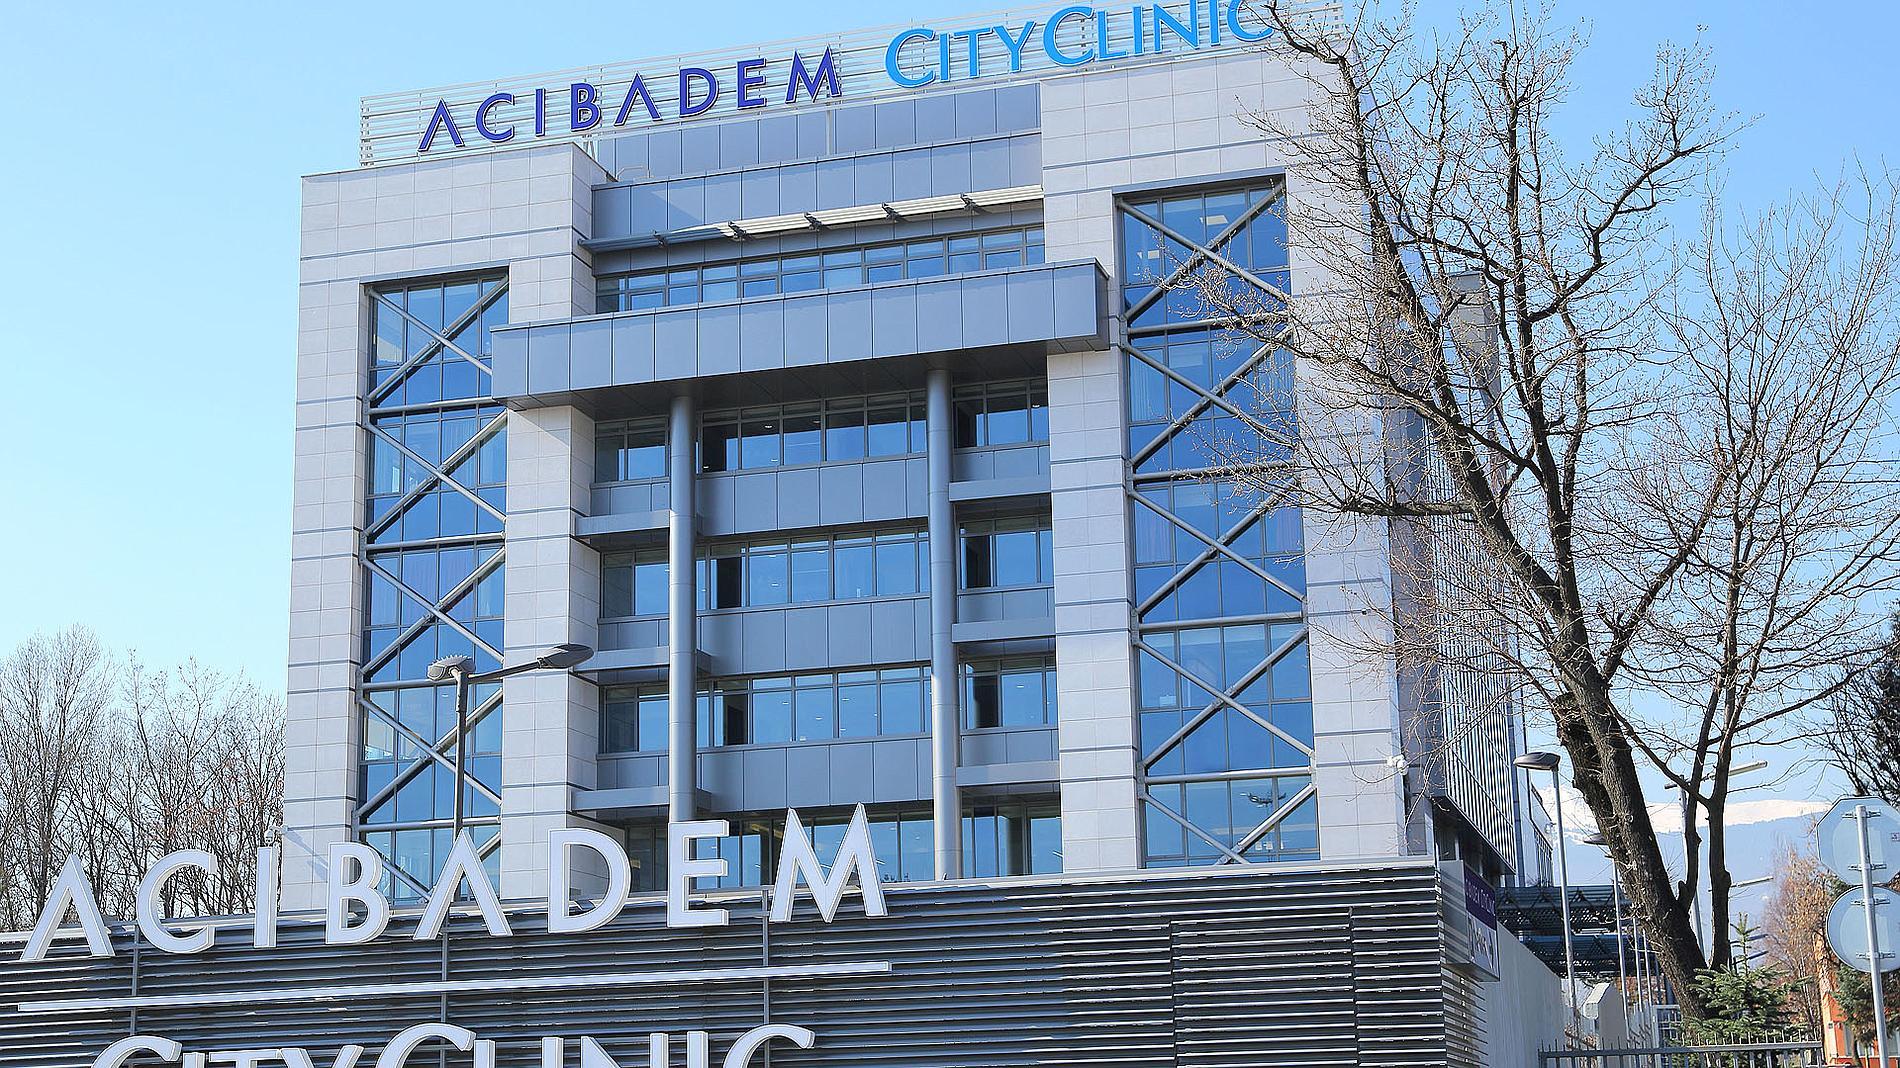 Exterior signage of Acibadem City Clinic, Sofia Oncology